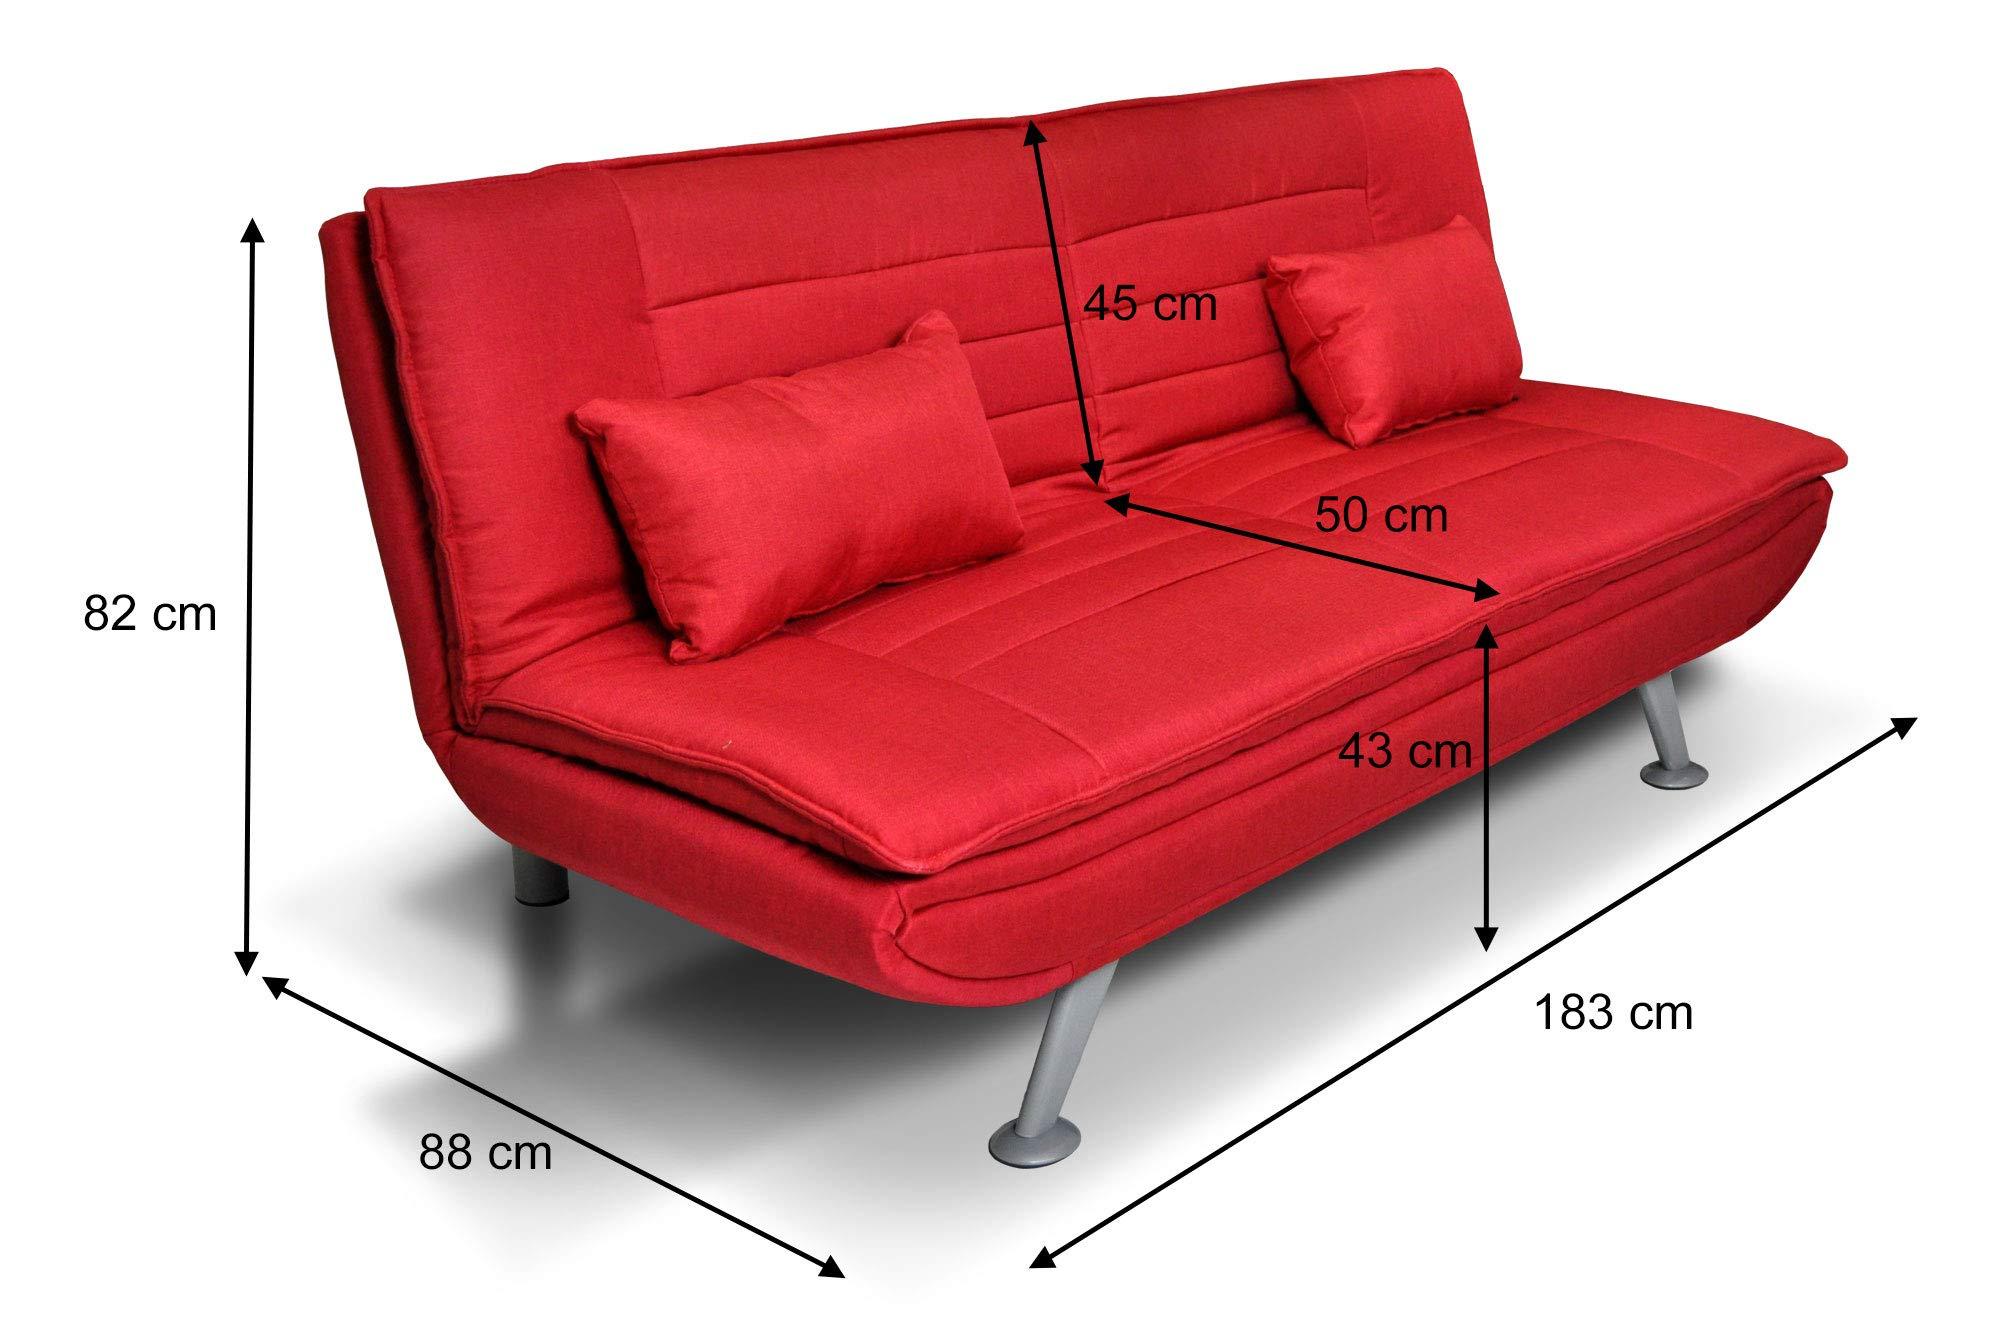 Divano letto clic clac in tessuto rosso divano 3 posti - Divano letto 2 posti amazon ...